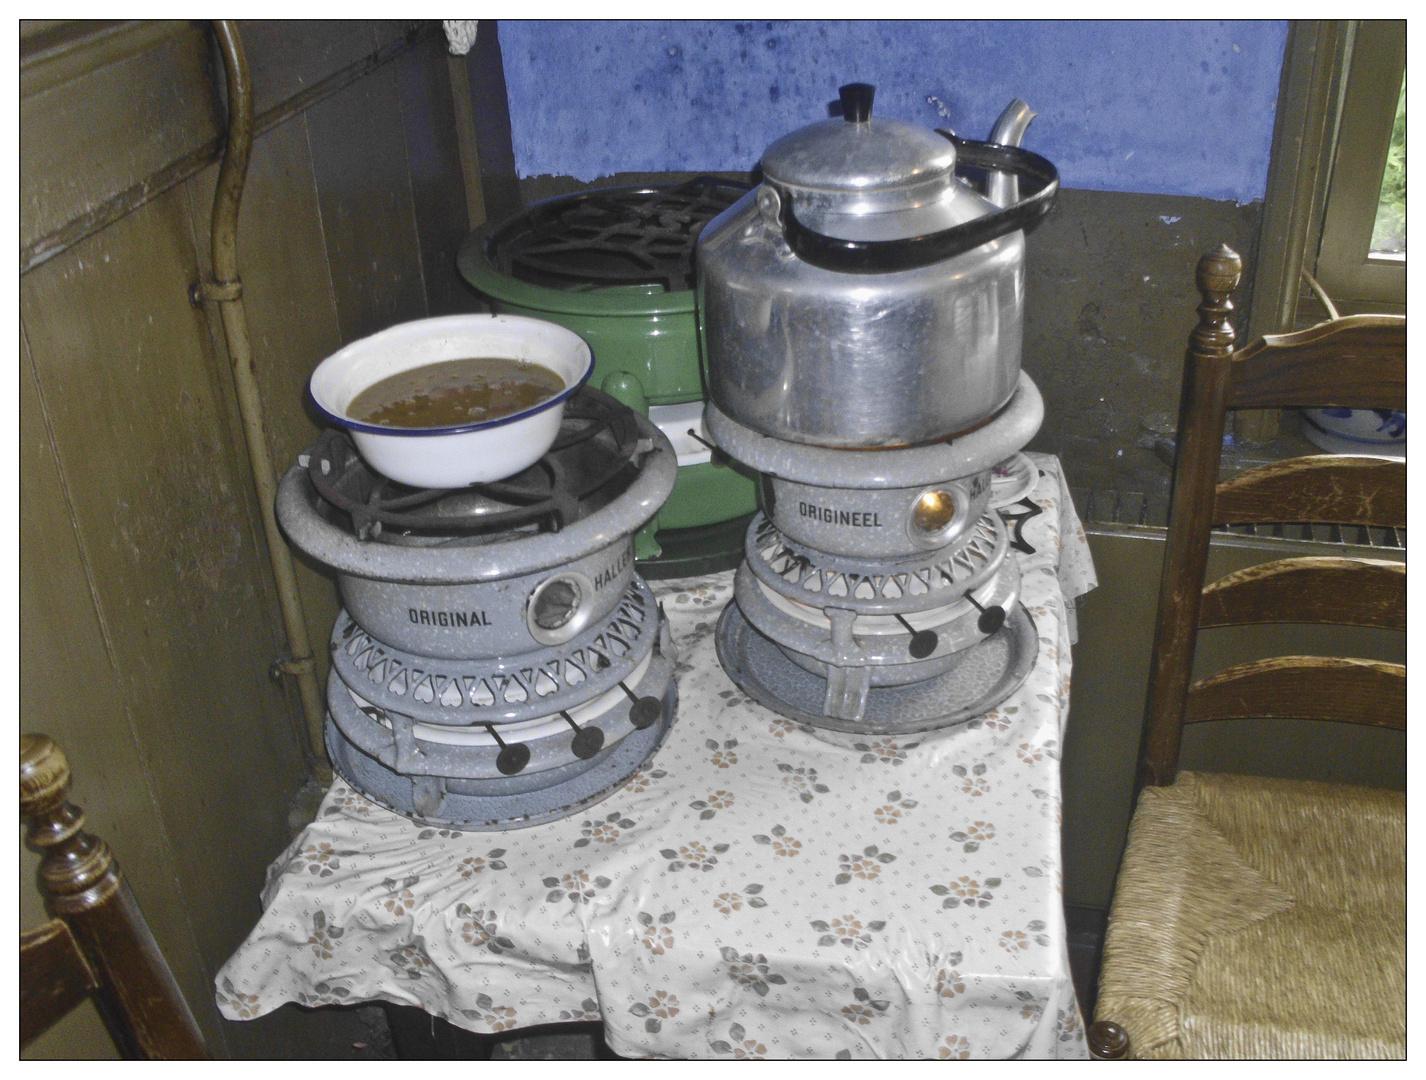 Nix für verwöhnte Hausfrauen:-)